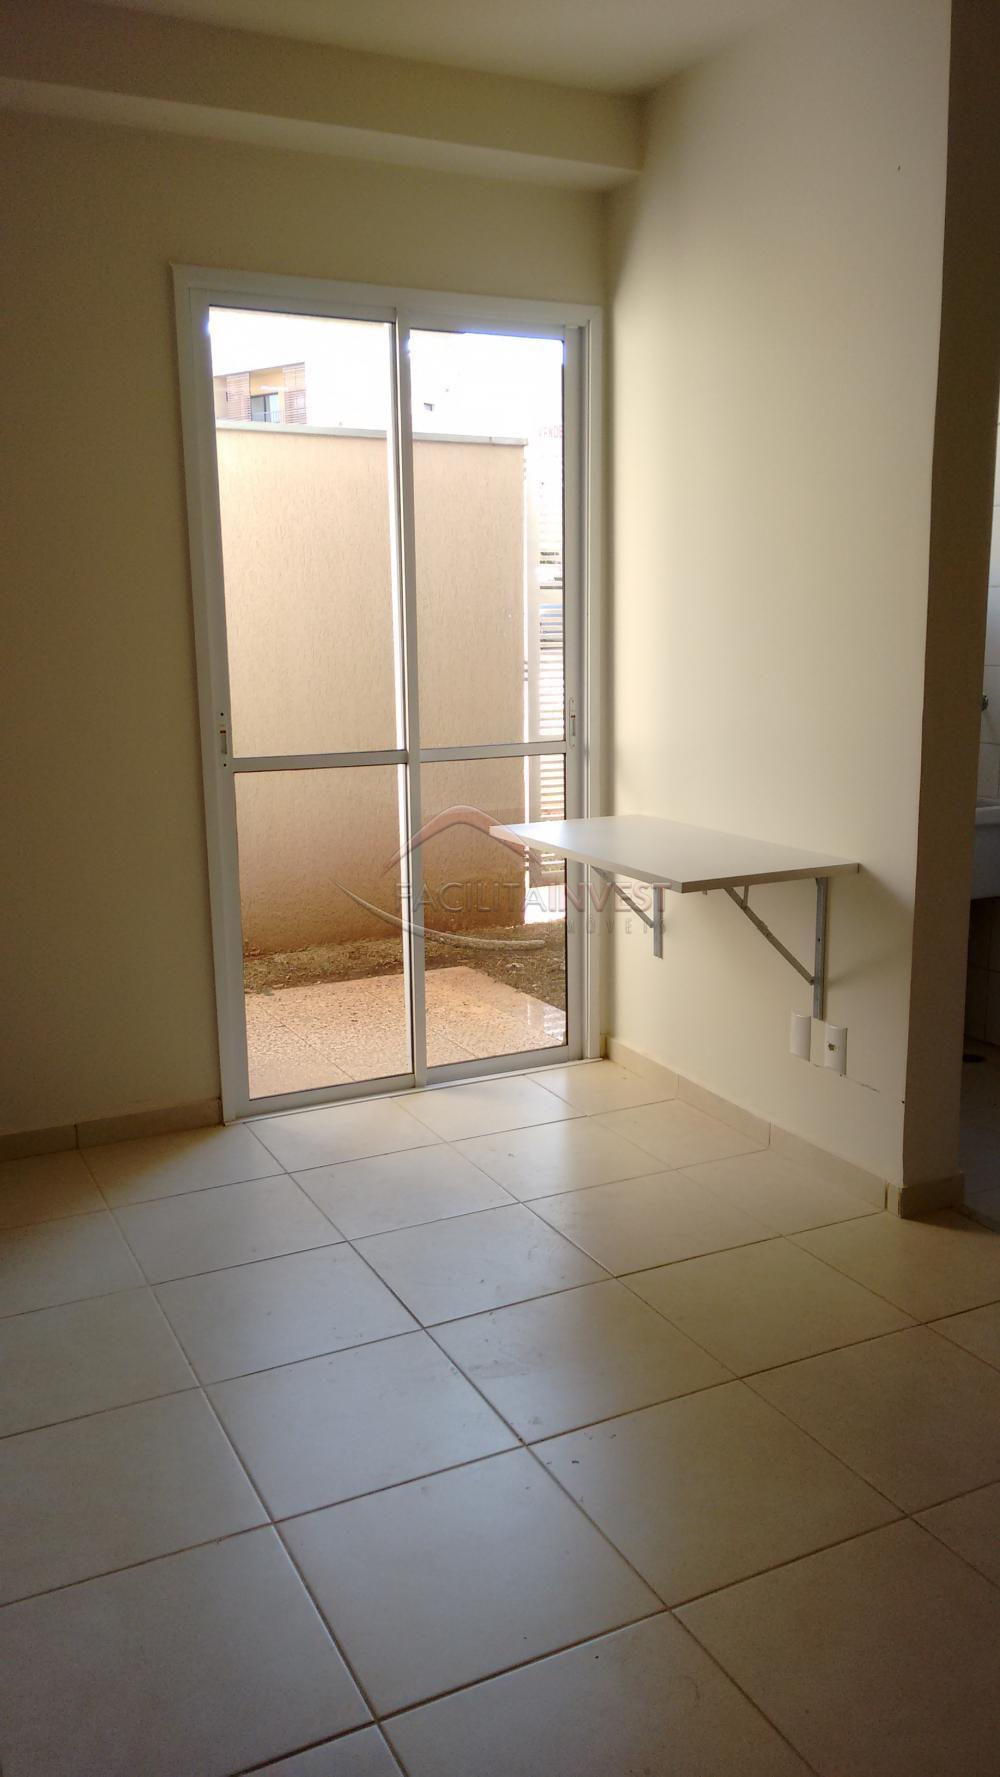 Alugar Apartamentos / Apart. Padrão em Ribeirão Preto apenas R$ 600,00 - Foto 1